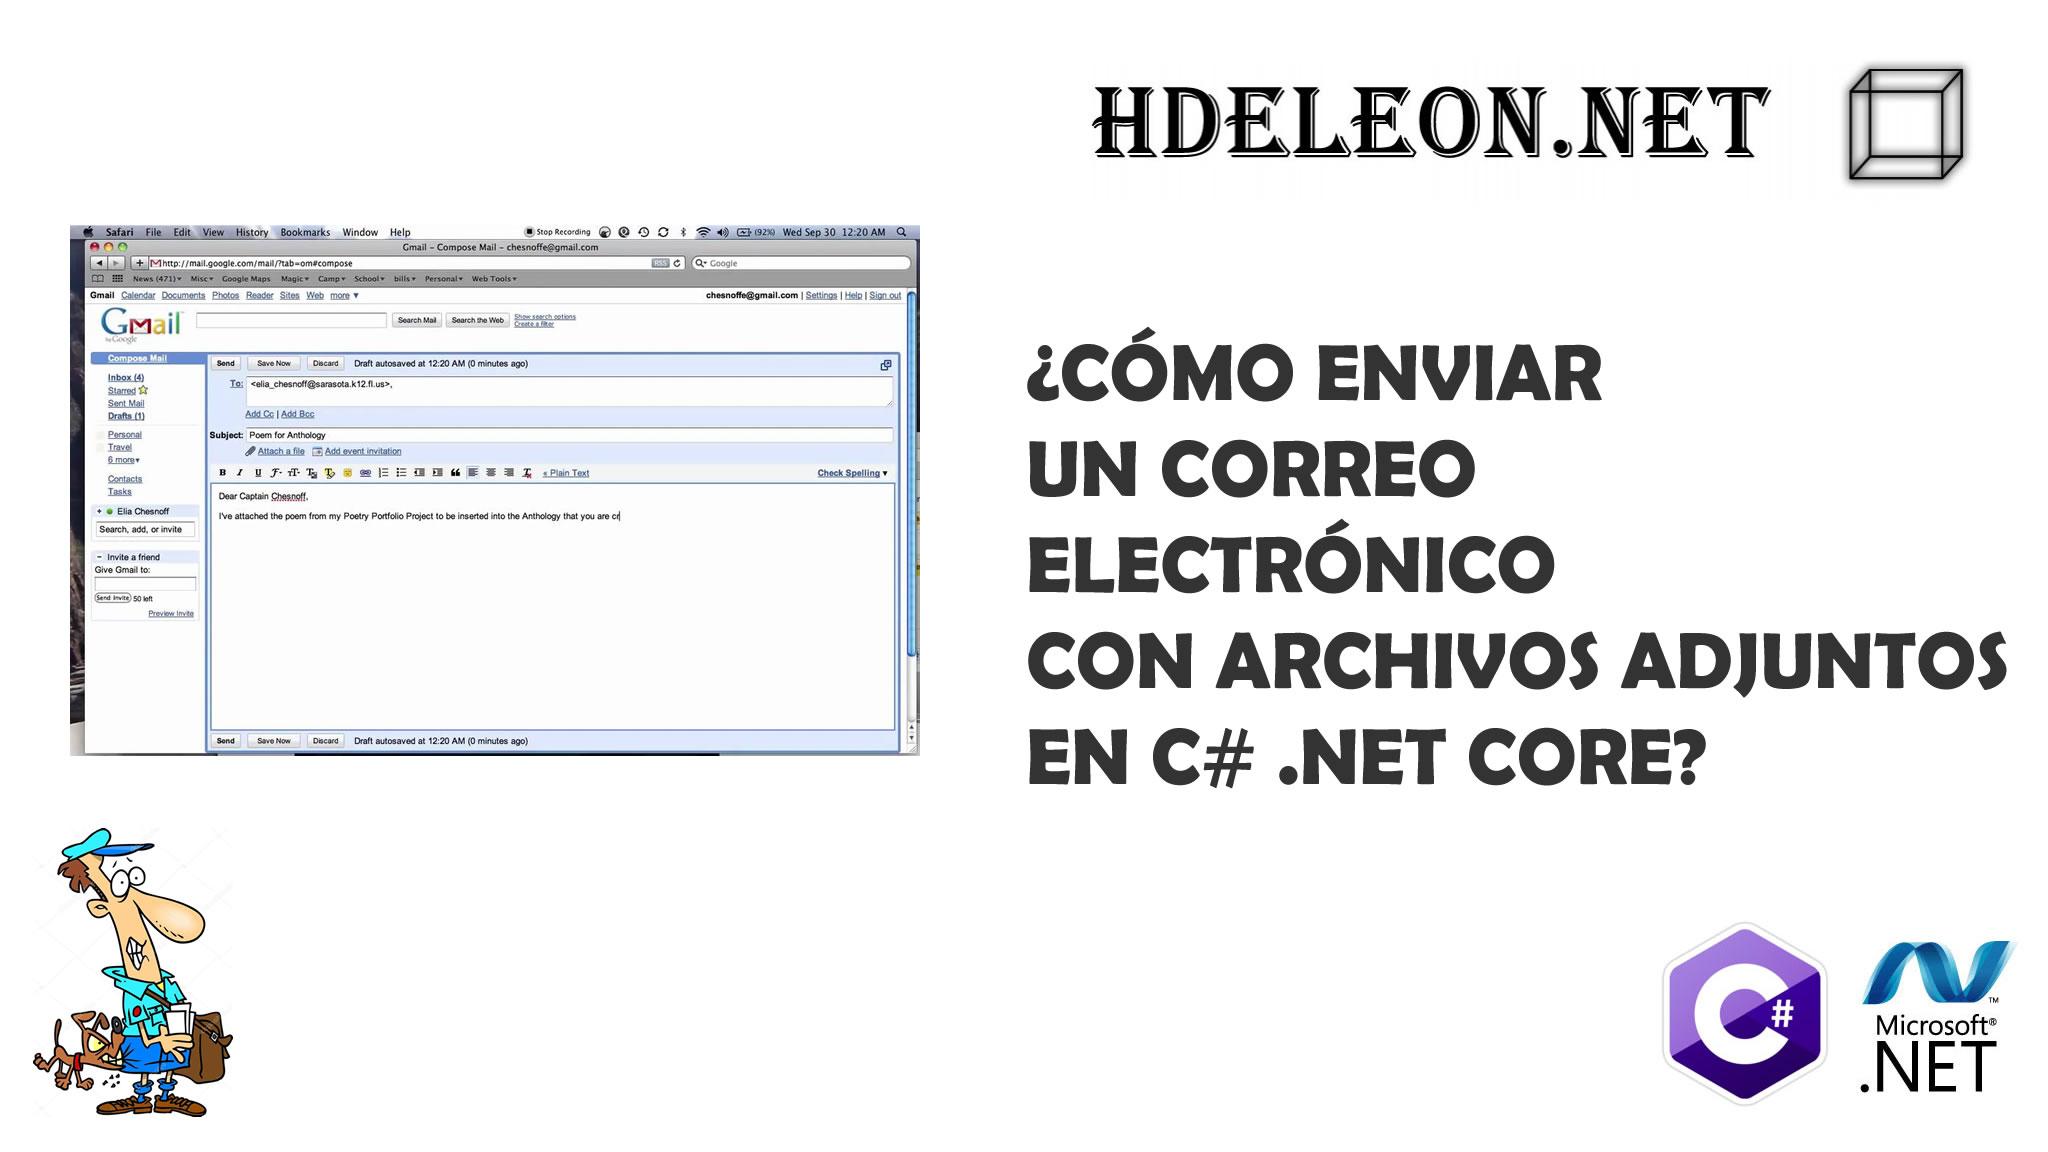 ¿Cómo enviar un correo electrónico con archivos adjuntos en C# .Net Core?, Gmail